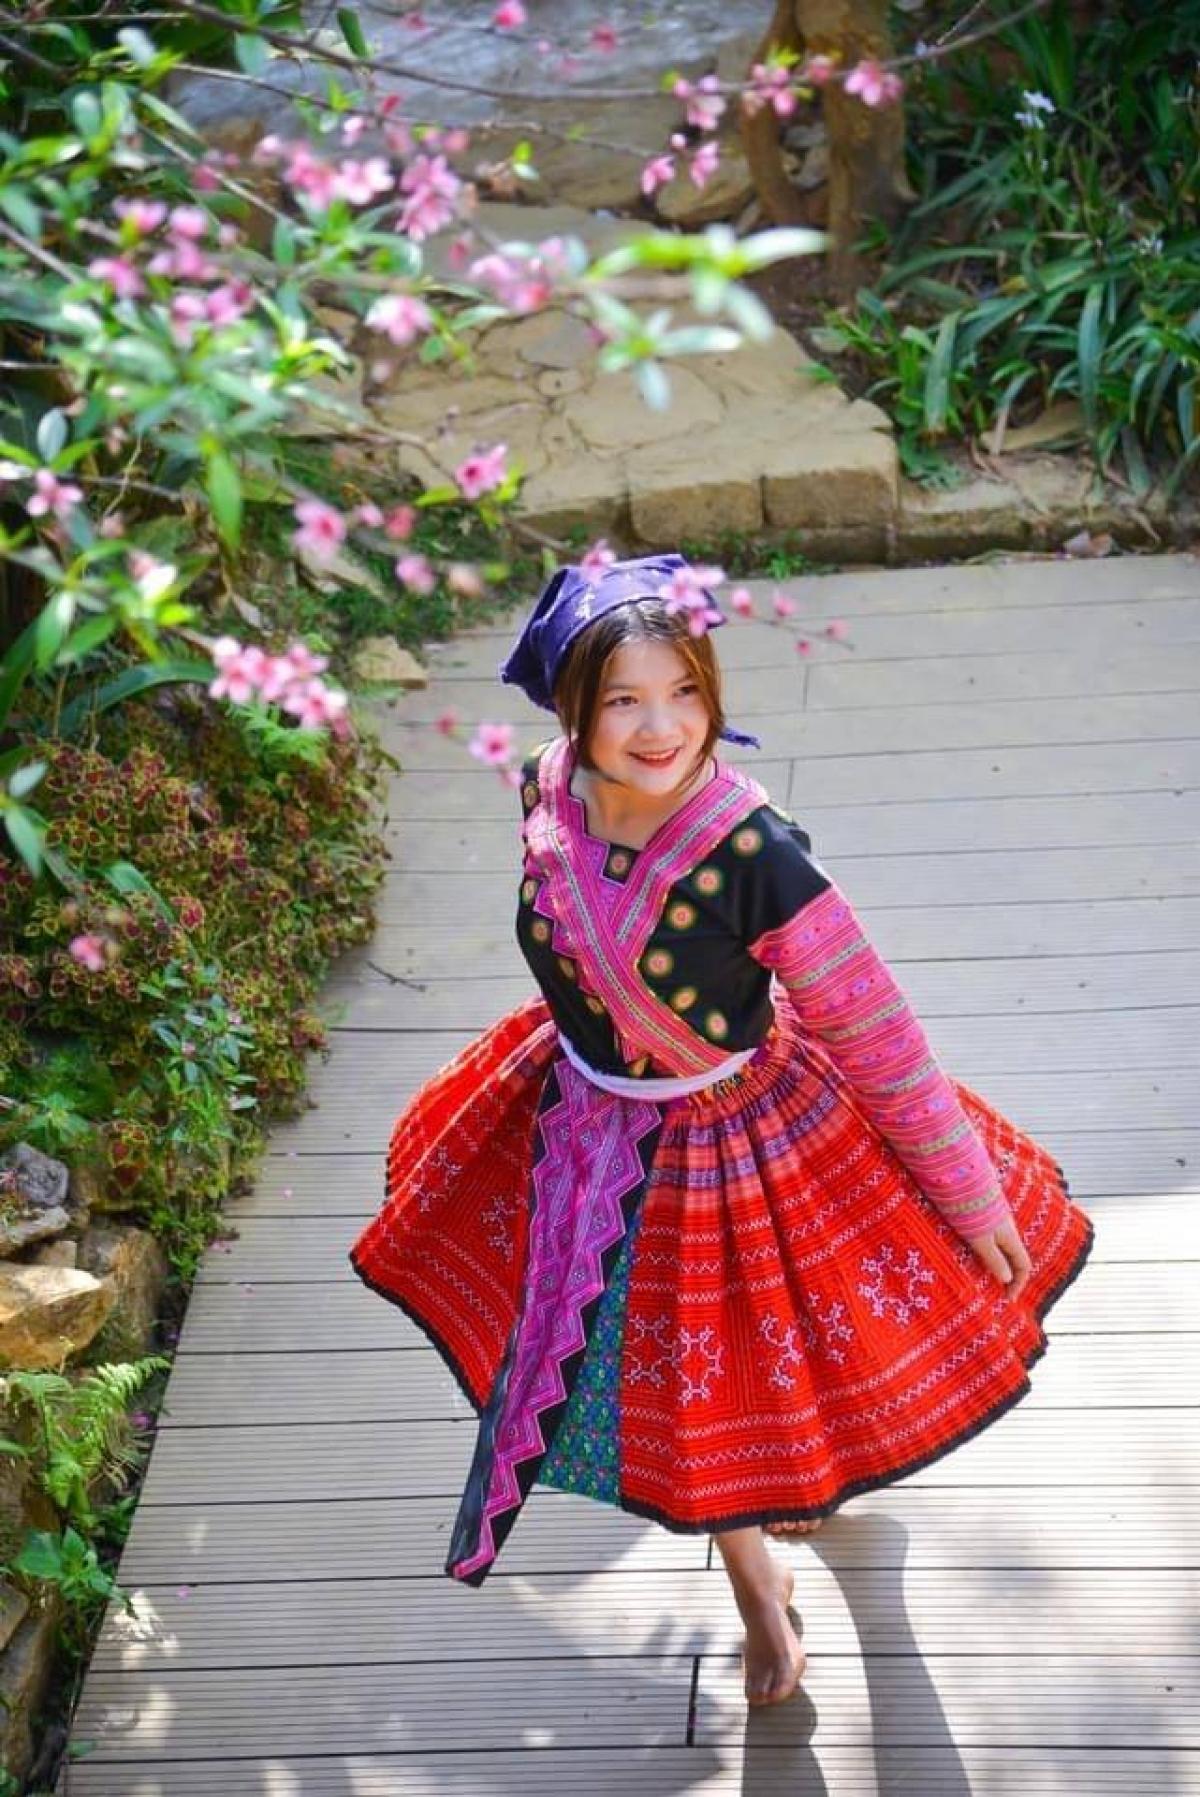 Du khách hóa mình thành thiếu nữ Mông xinh tươi. (Ảnh: A Chu)